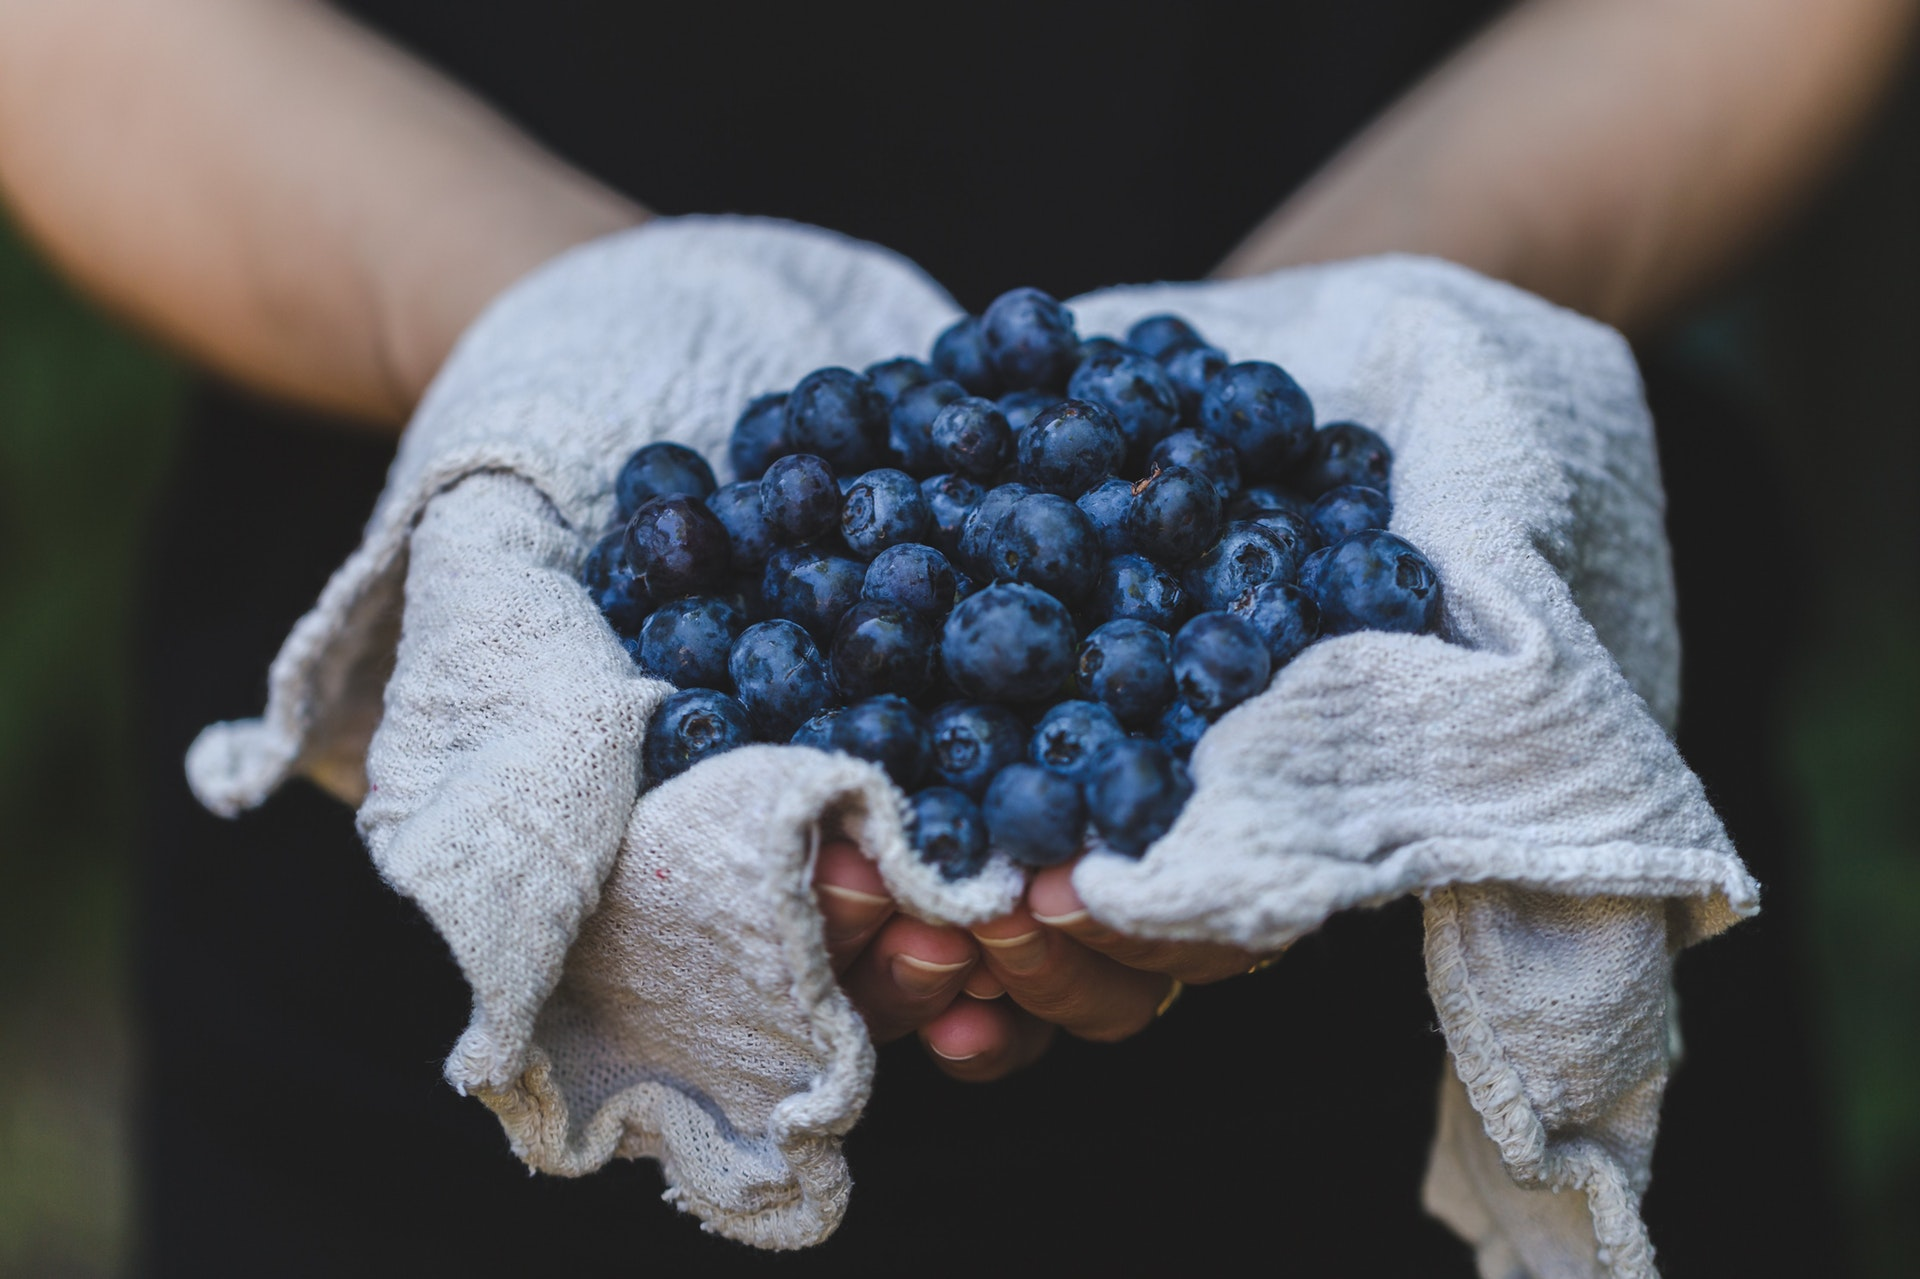 Los mejores remedios naturales para eliminar las venas varicosas